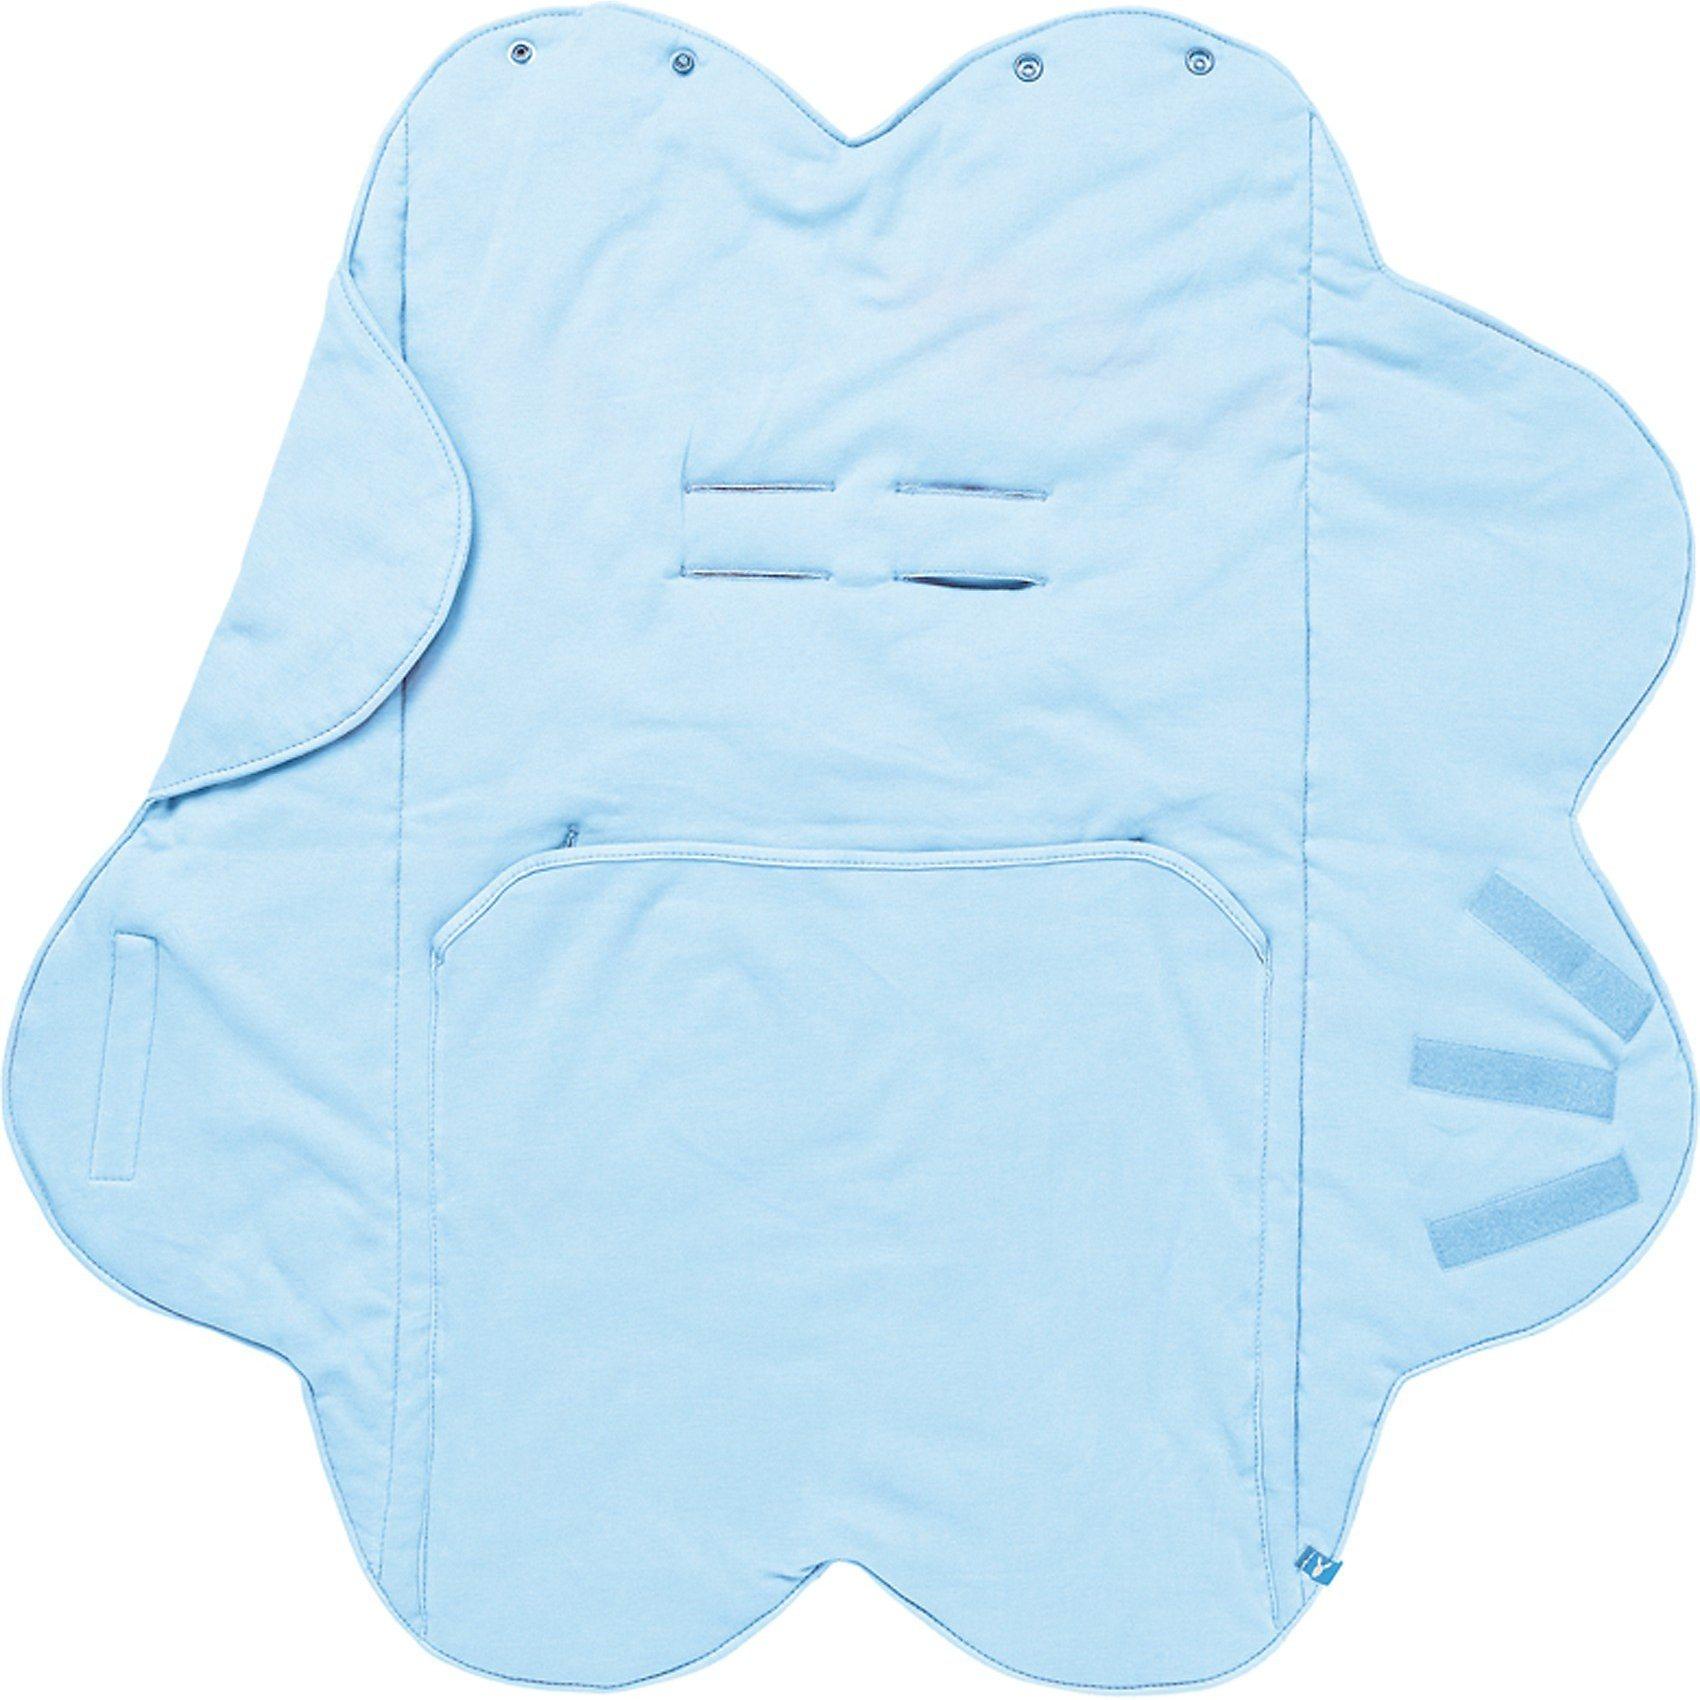 Wallaboo Wrapper Babydecke Fleur, blau | Kinderzimmer > Textilien für Kinder > Babytextilien | Baumwolle - Polyester | Wallaboo